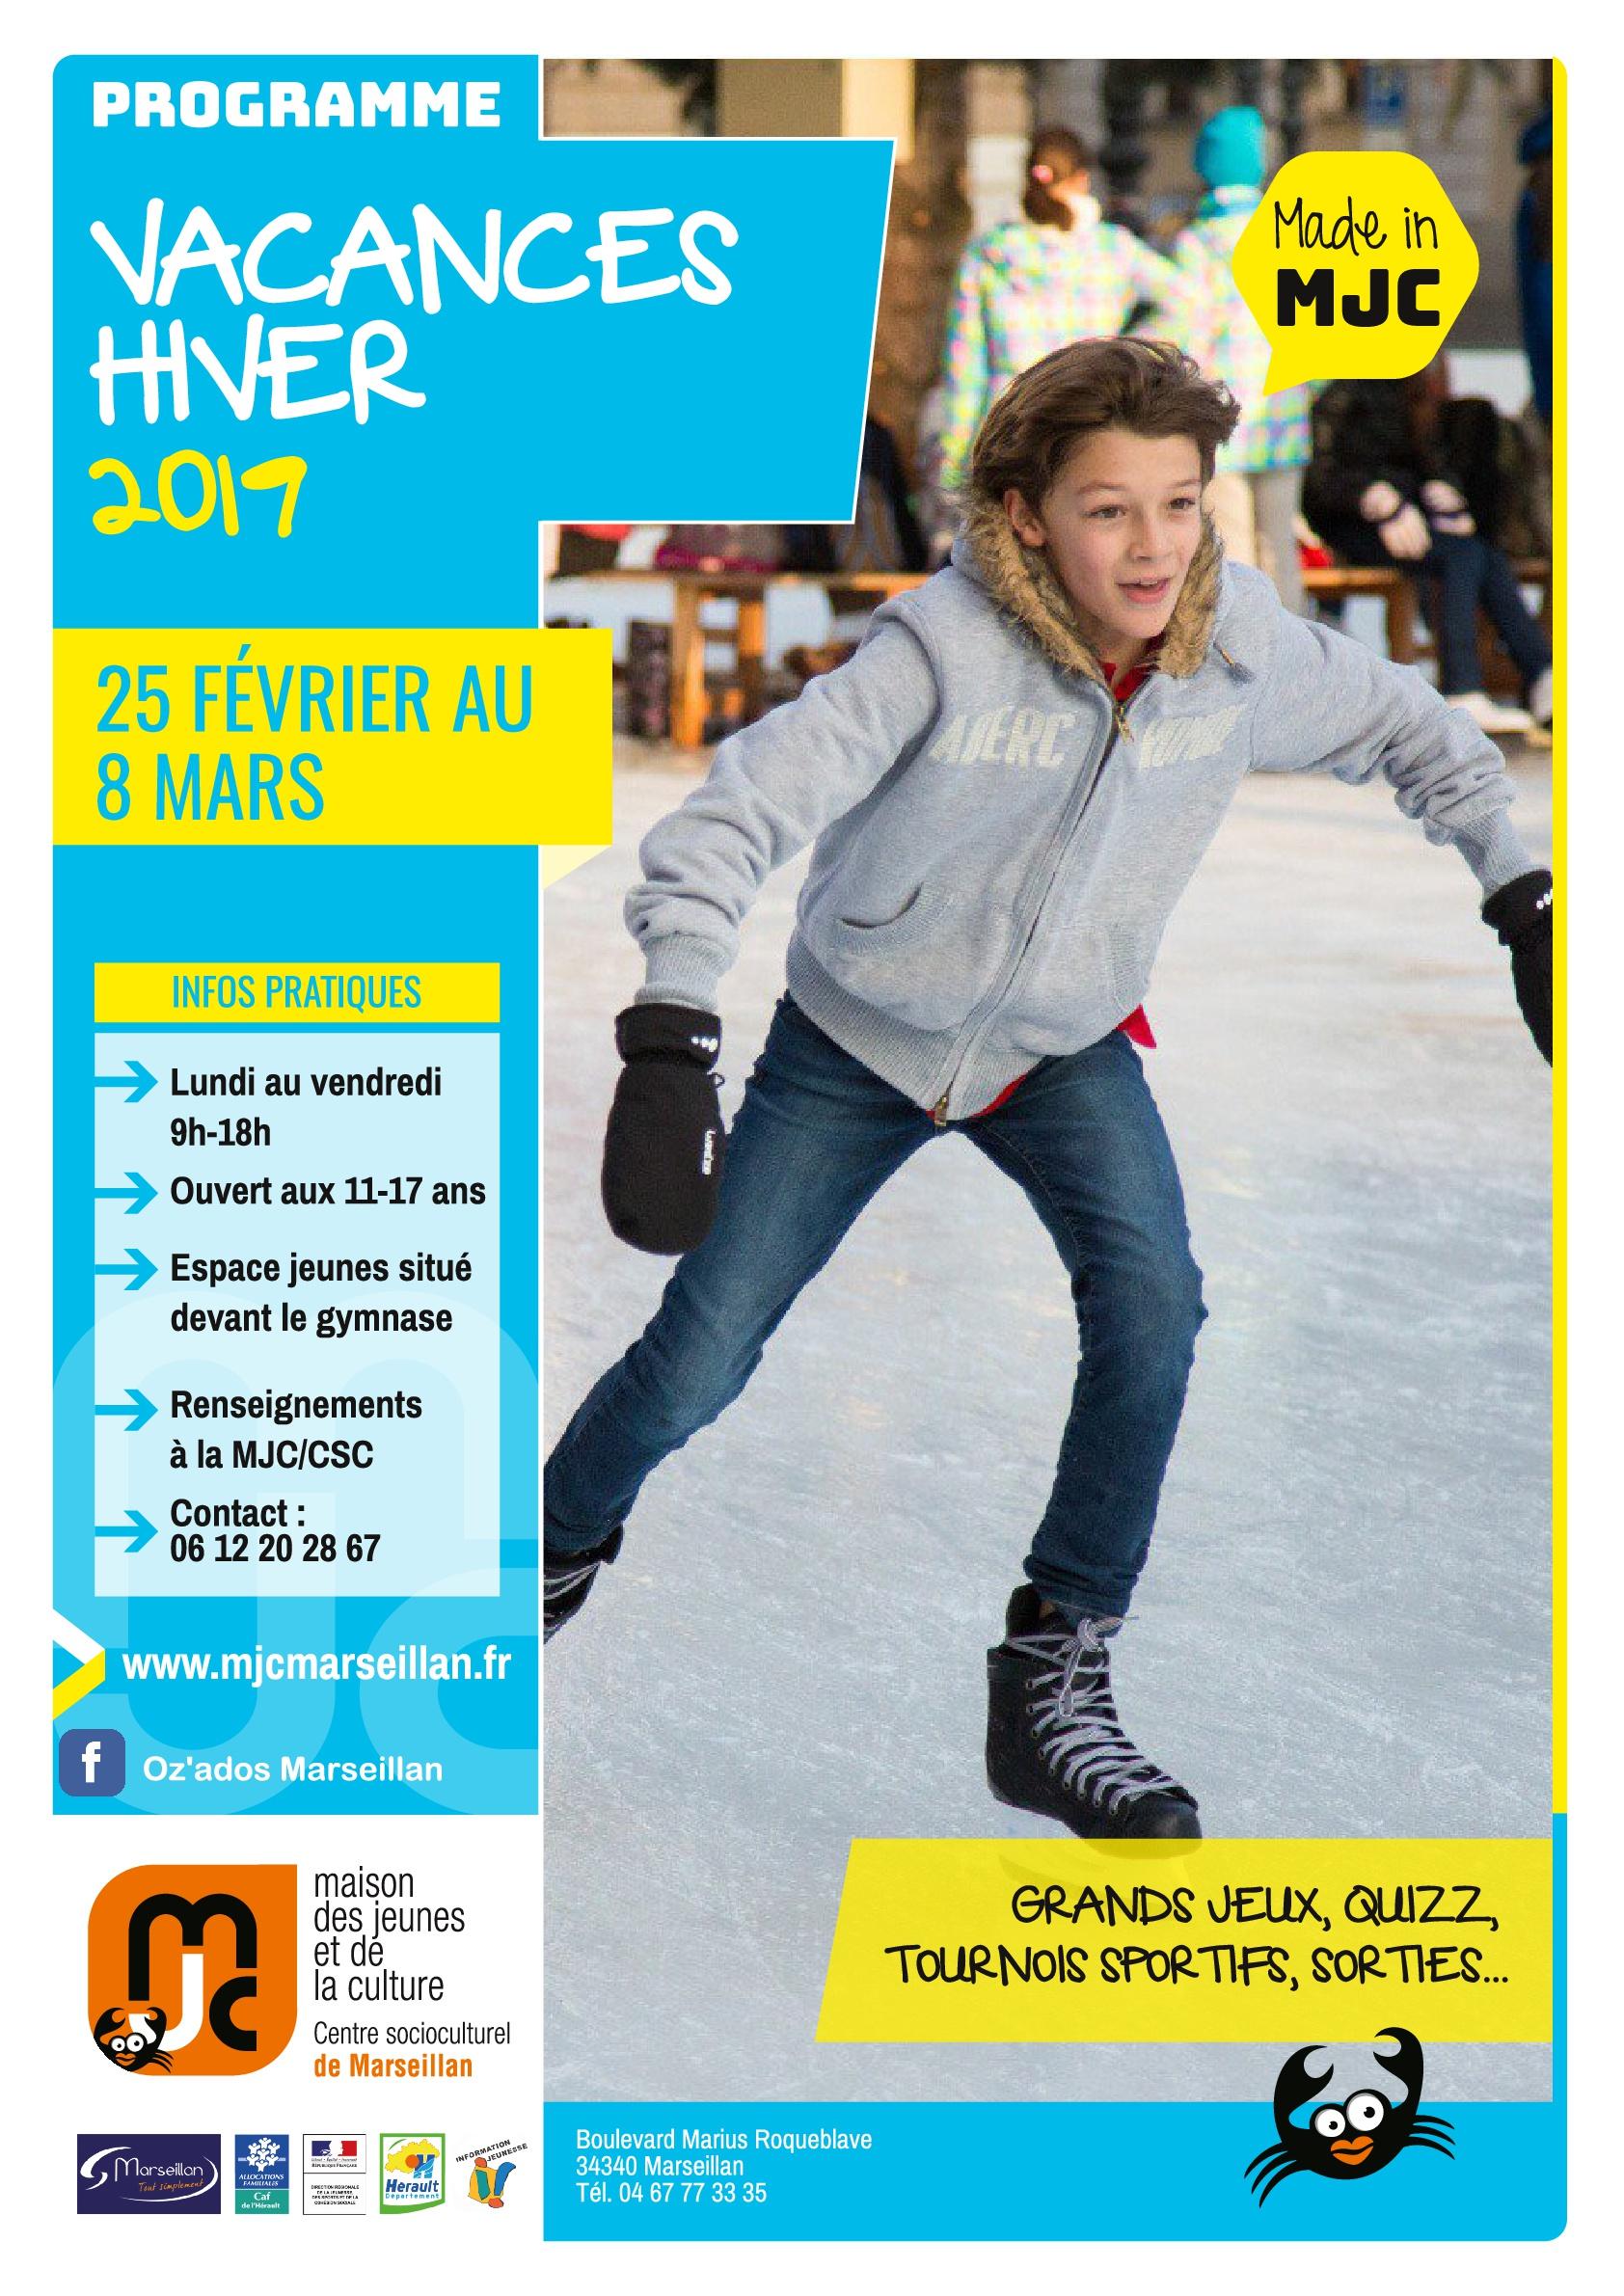 Programme vacances hiver 2019